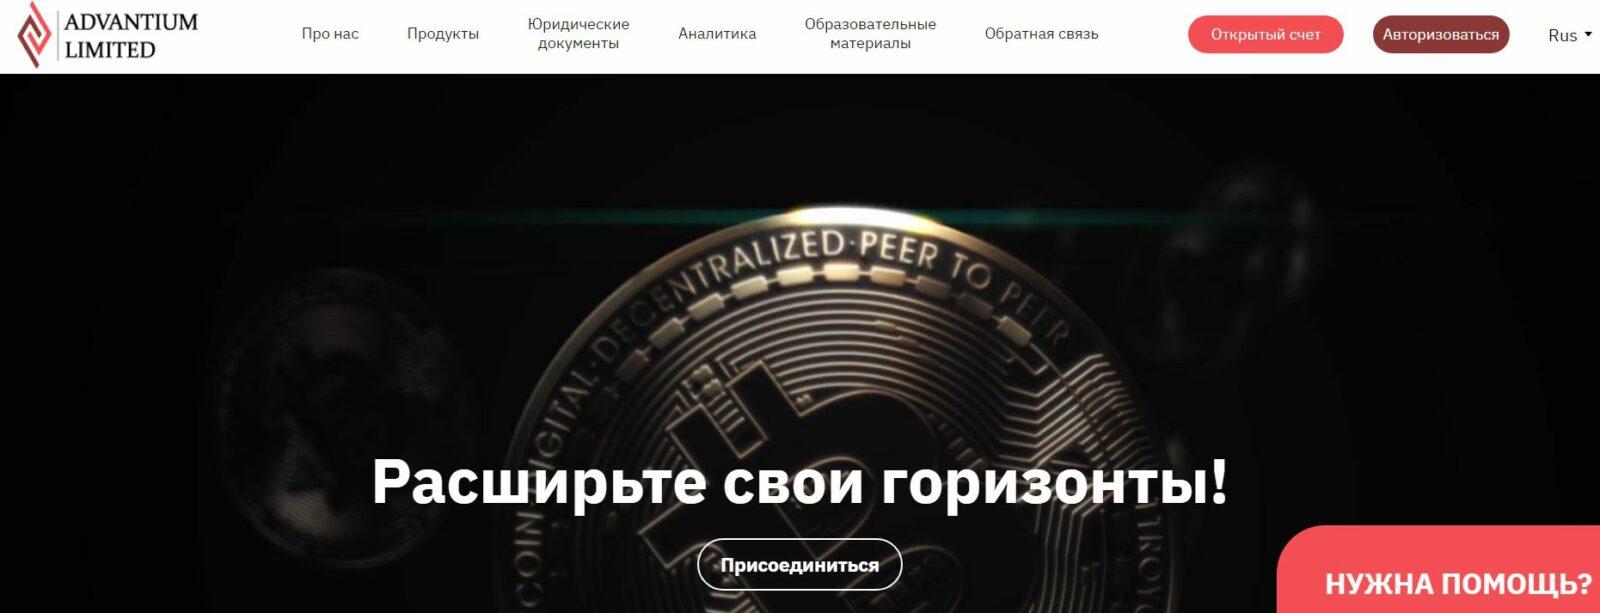 Сайт брокера Advantium Limited